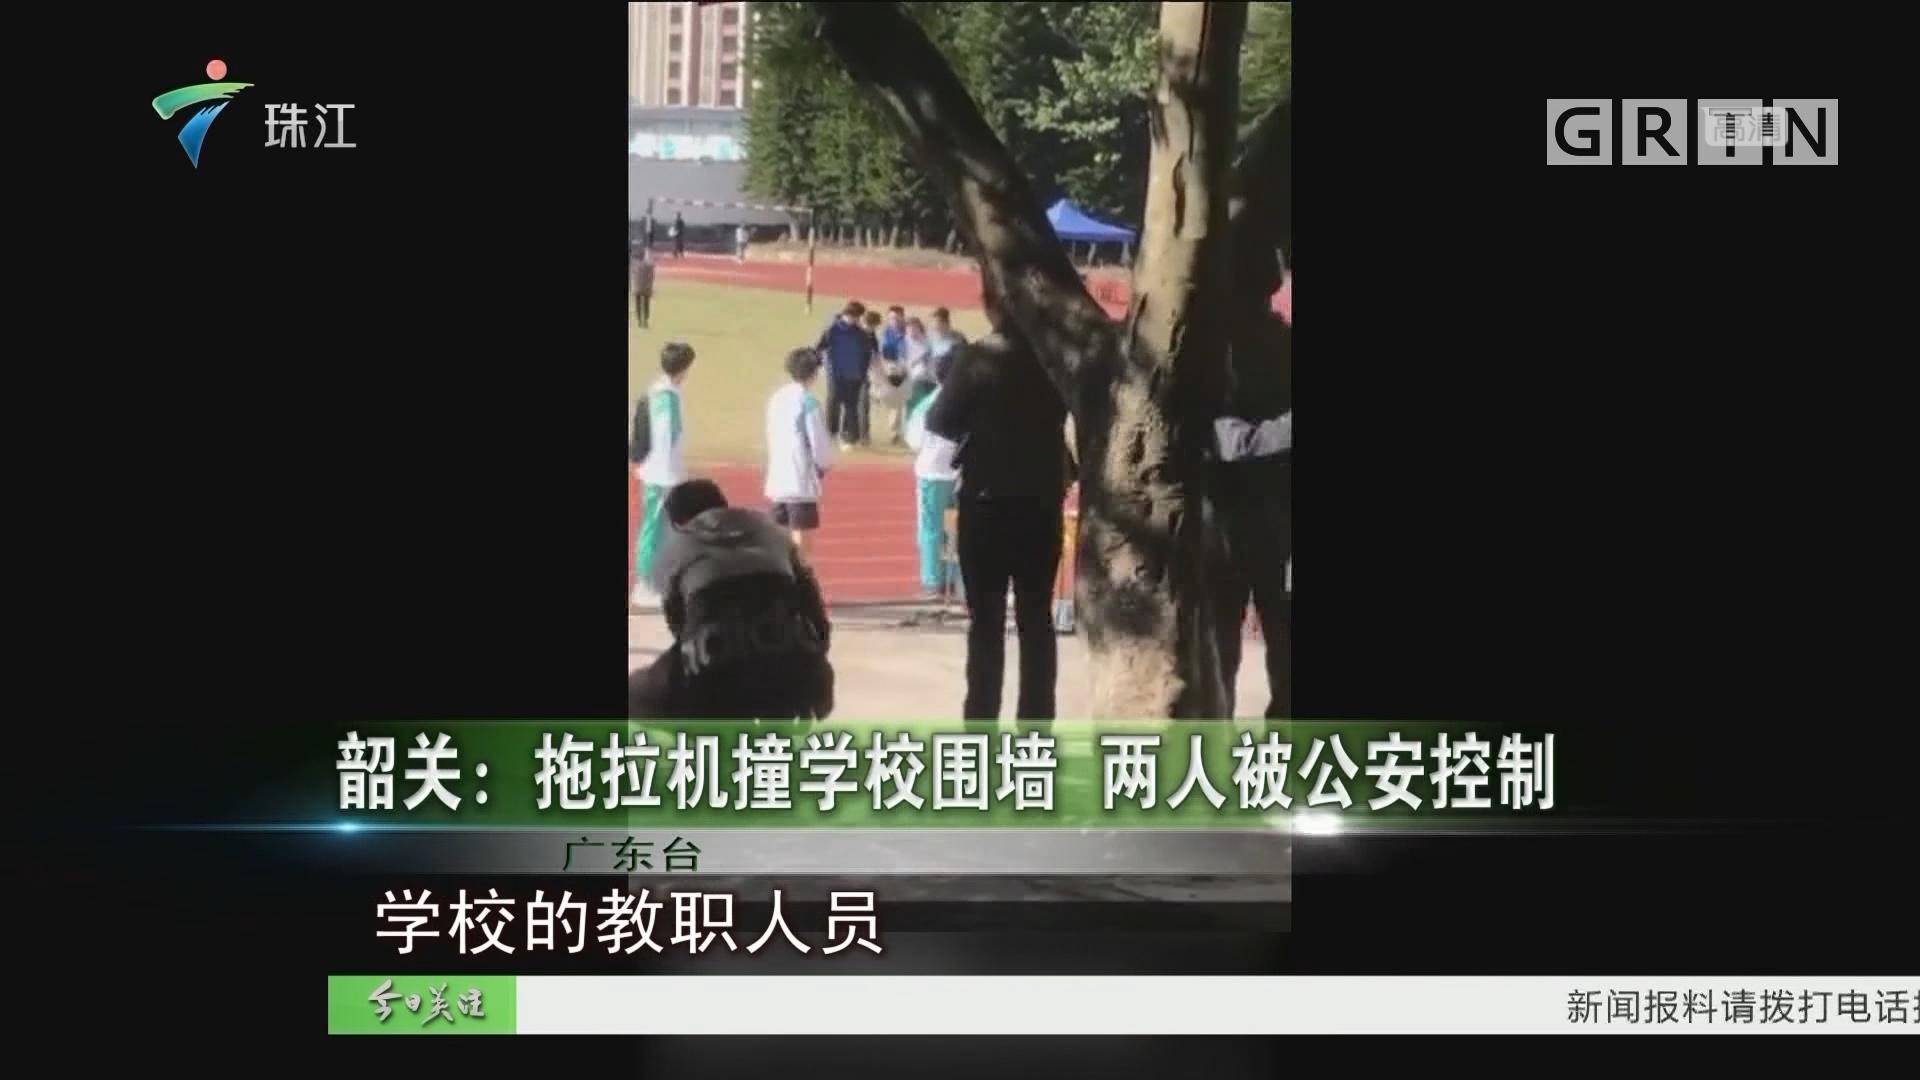 韶关:拖拉机撞学校围墙 两人被公安控制